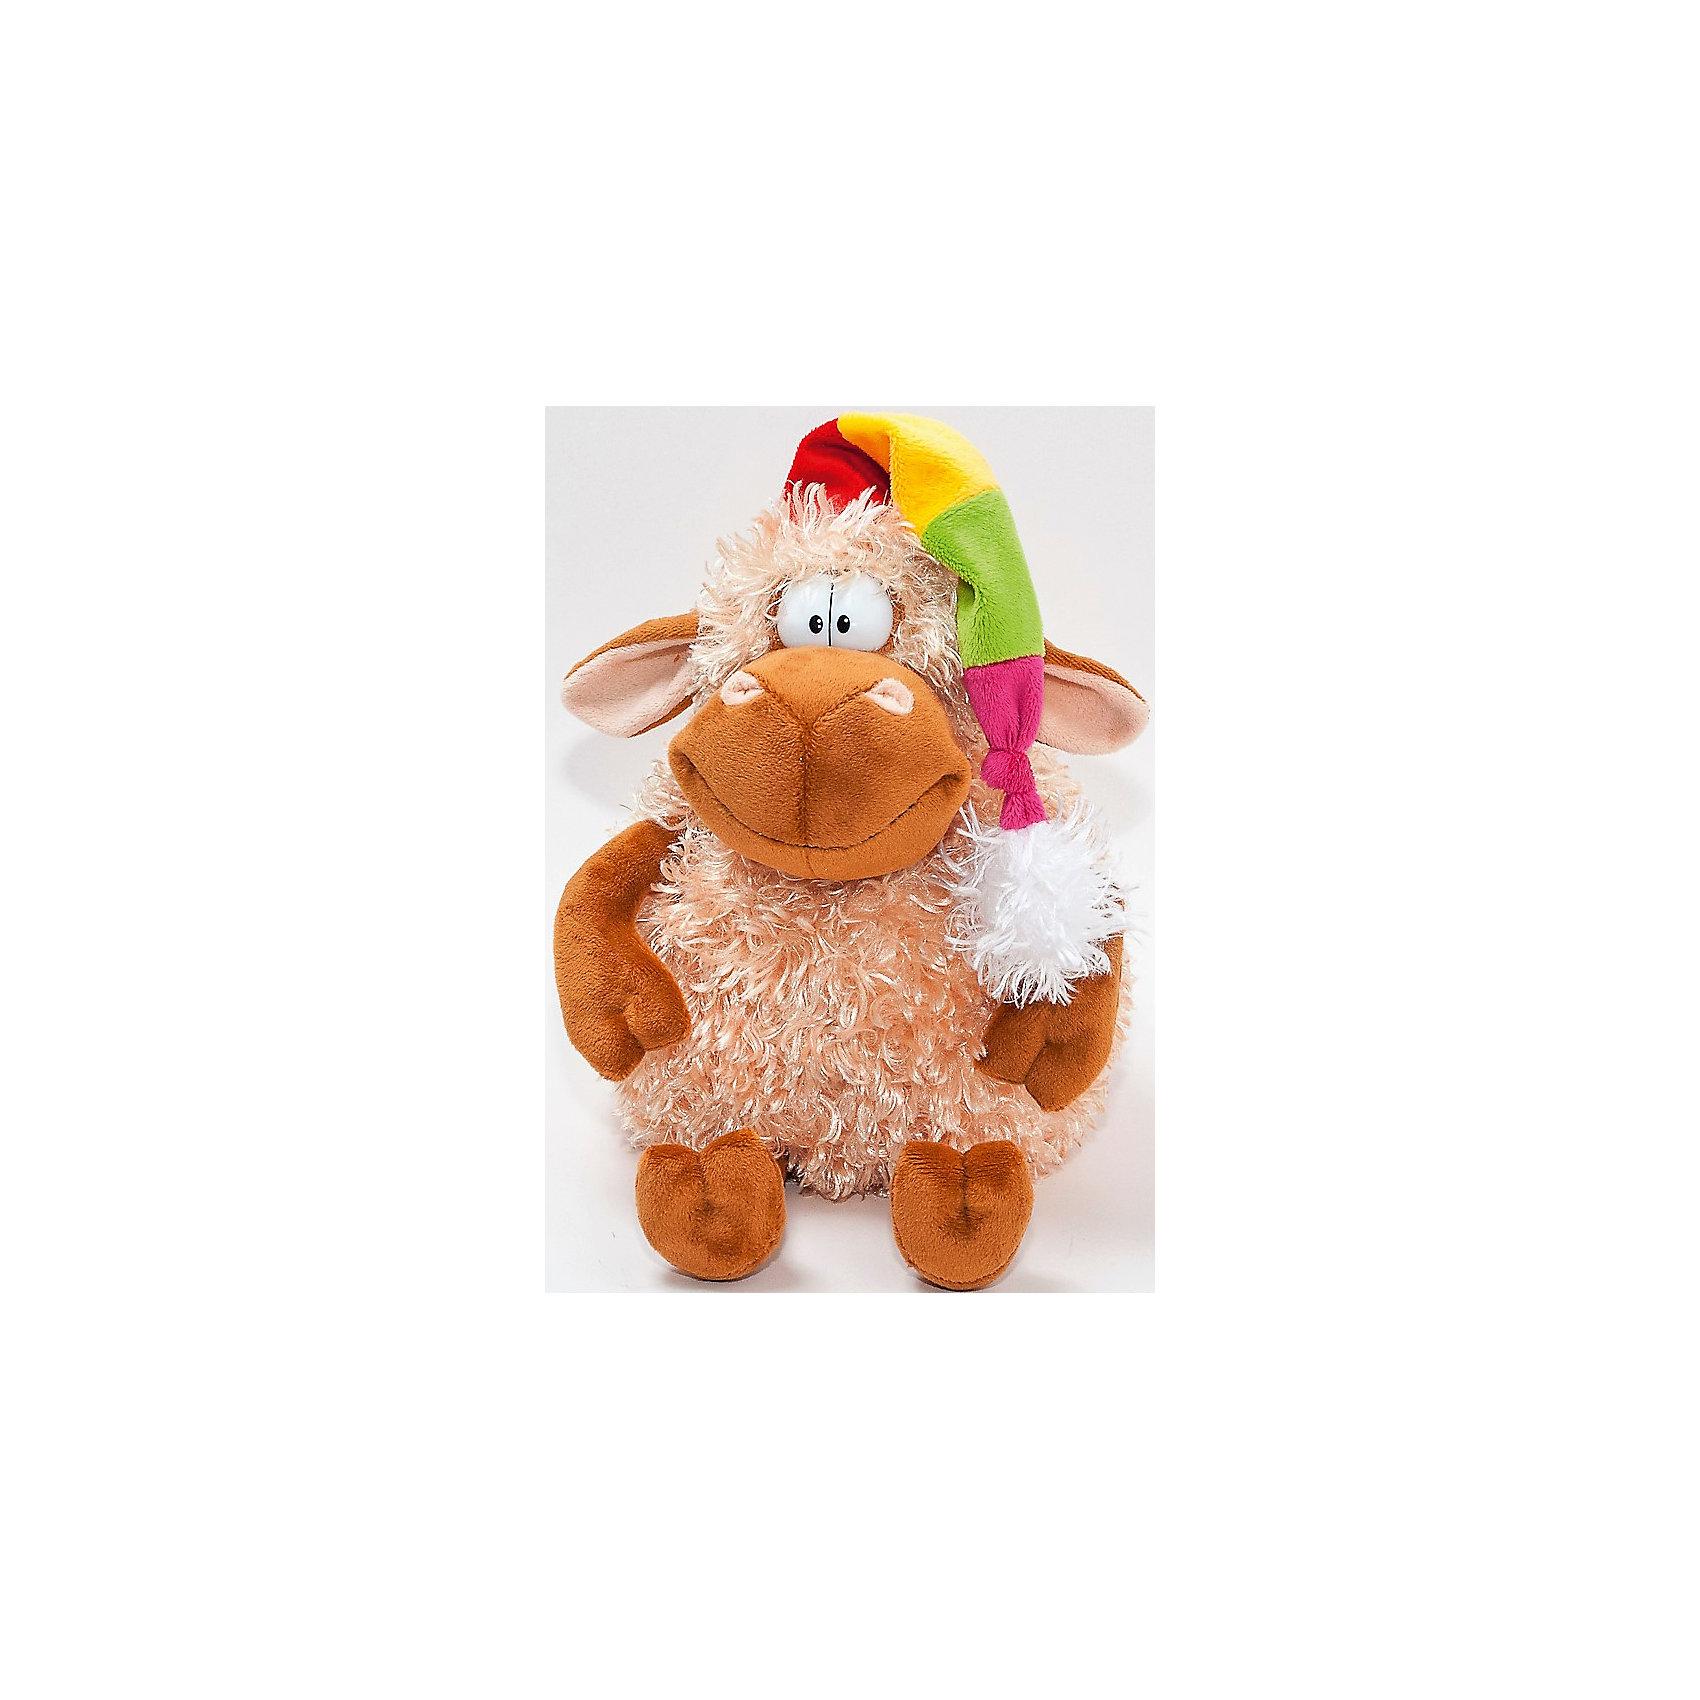 Мягкая игрушка Барашек Голди, FancyМягкие игрушки животные<br>Характеристики:<br><br>• высота игрушки: 22 см;<br>• тип игрушки: мягконабивная;<br>• материал: текстиль, синтетический наполнитель. <br><br>Мягкая игрушка барашек Голди в ярком колпачке находится в положении «сидя». Барашек мягконабивной, приятный на ощупь, изготовлен из качественных материалов. Улыбчивая мордашка барашка вызывает умиление. <br><br>Мягкую игрушку Барашек Голди, Fancy можно купить в нашем магазине.<br><br>Ширина мм: 180<br>Глубина мм: 210<br>Высота мм: 220<br>Вес г: 165<br>Возраст от месяцев: 36<br>Возраст до месяцев: 2147483647<br>Пол: Унисекс<br>Возраст: Детский<br>SKU: 5268992